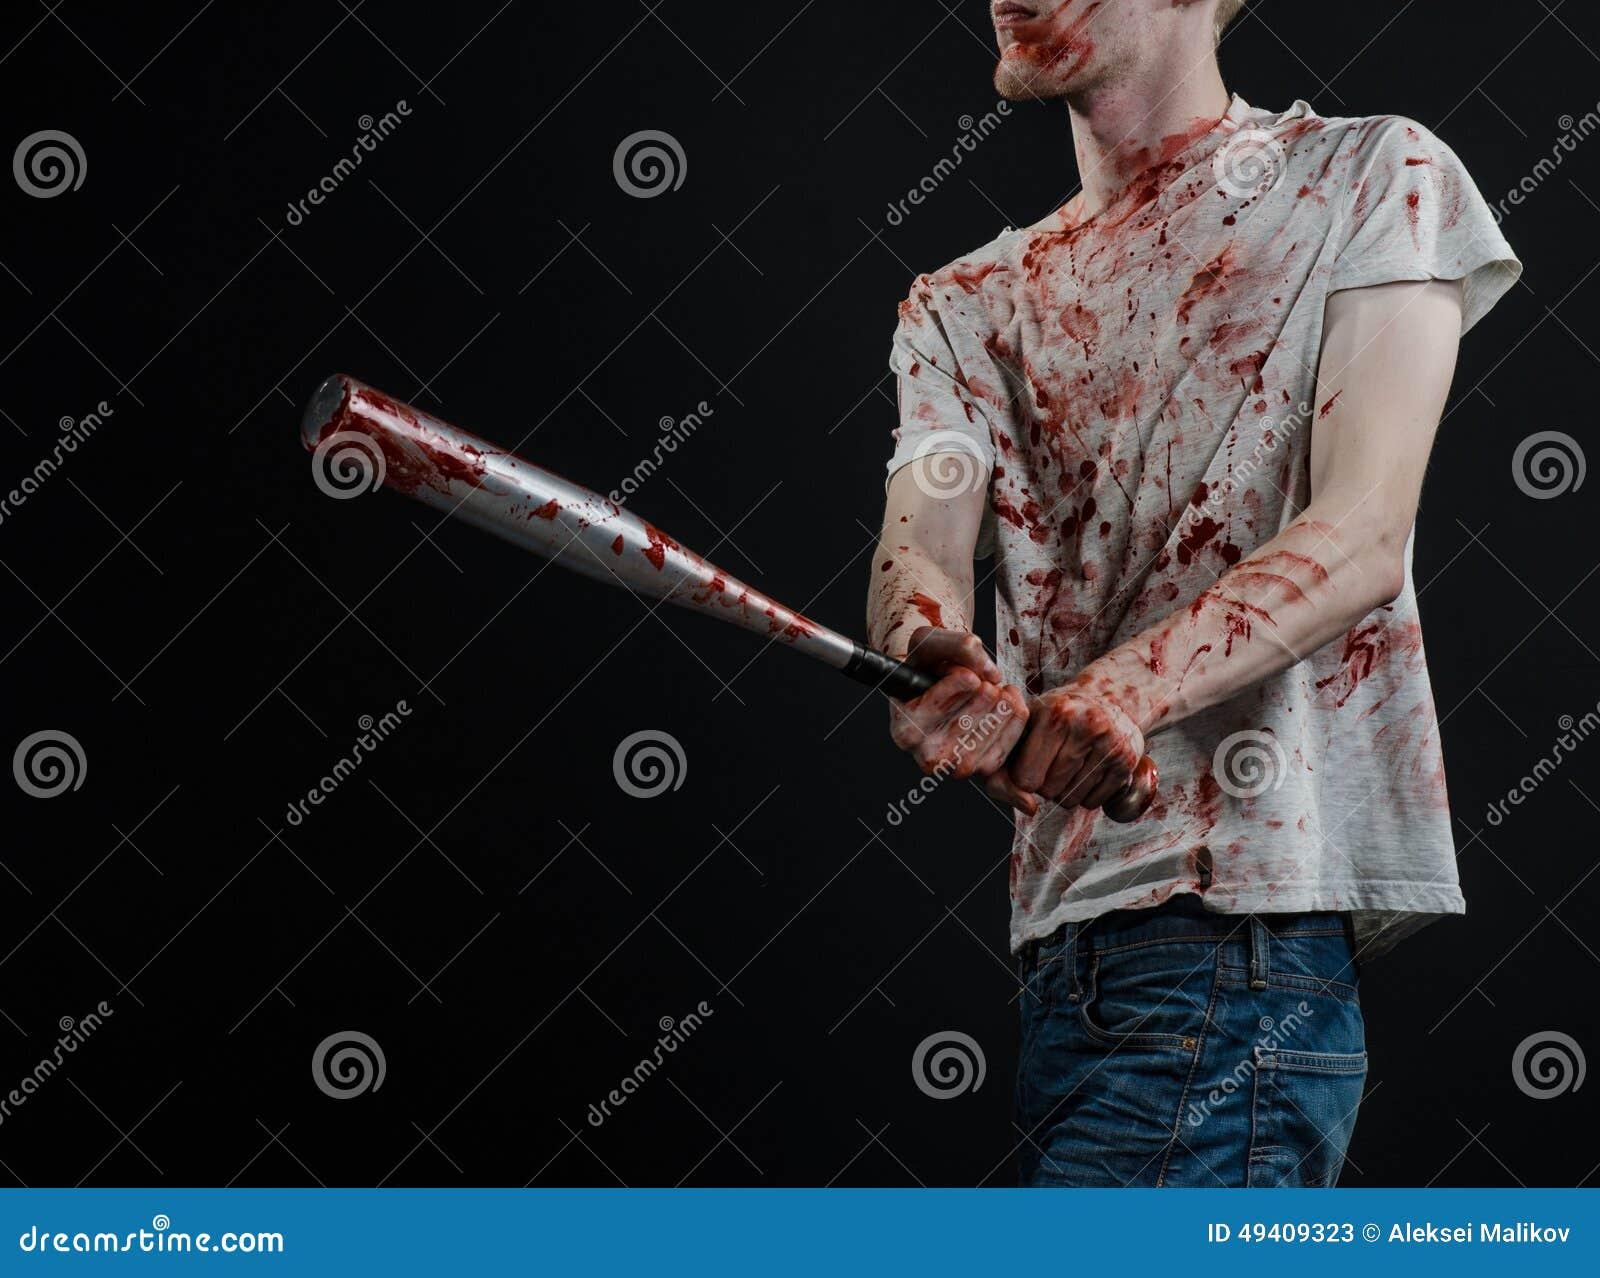 Download Blutiges Thema: Der Kerl In Einem Blutigen T-Shirt, Das Einen Blutigen Schläger Auf Einem Schwarzen Hintergrund Hält Stockbild - Bild von getrennt, schwarzes: 49409323